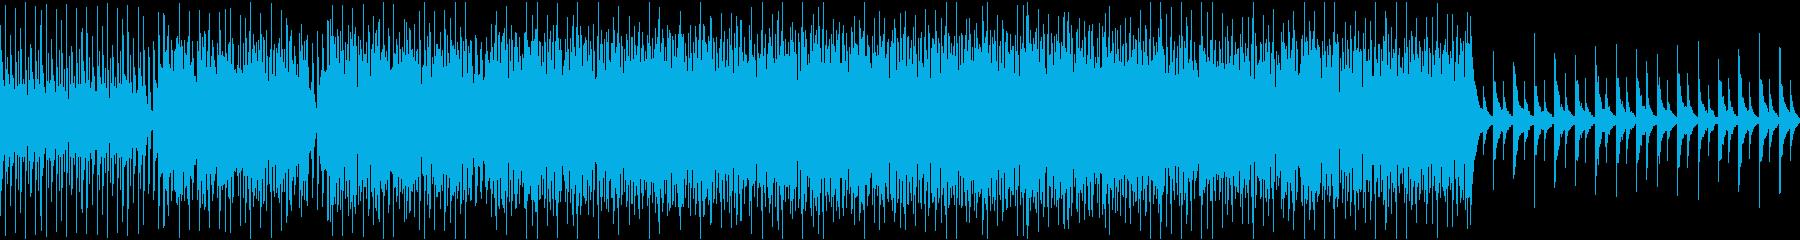 テンポ感重視のピアノダンス曲の再生済みの波形